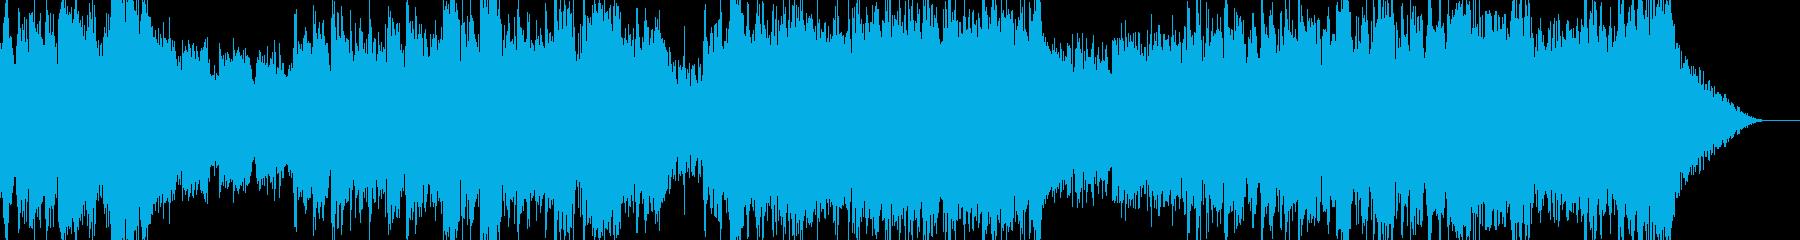 重々しいシーンに合うオーケストラBGMの再生済みの波形